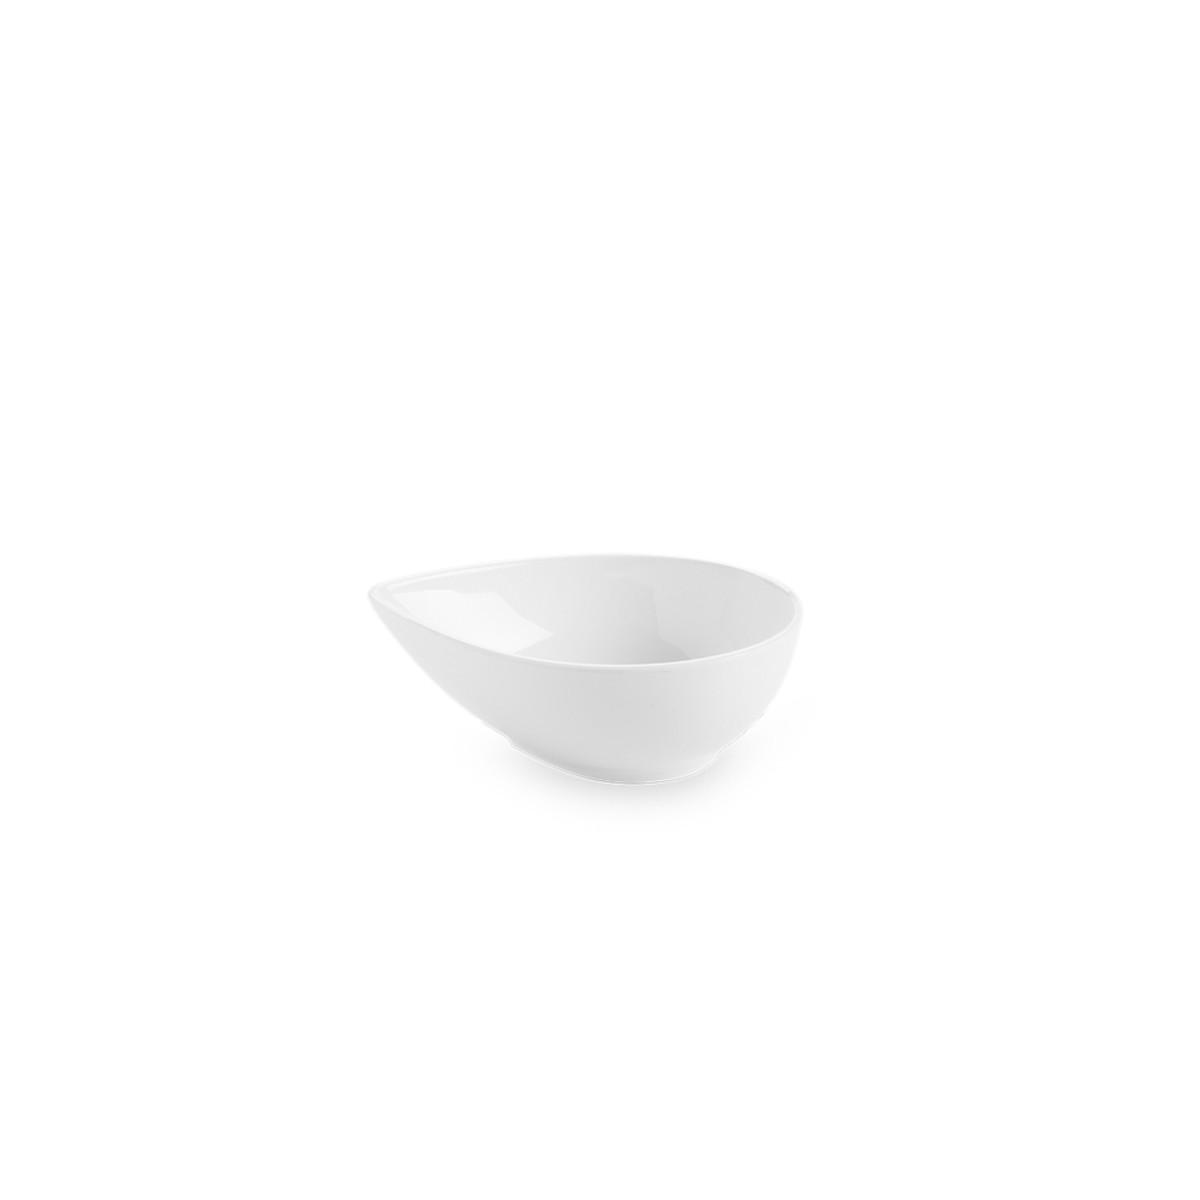 Bowl em Melamina Gota 300ml Haus Concept  UN